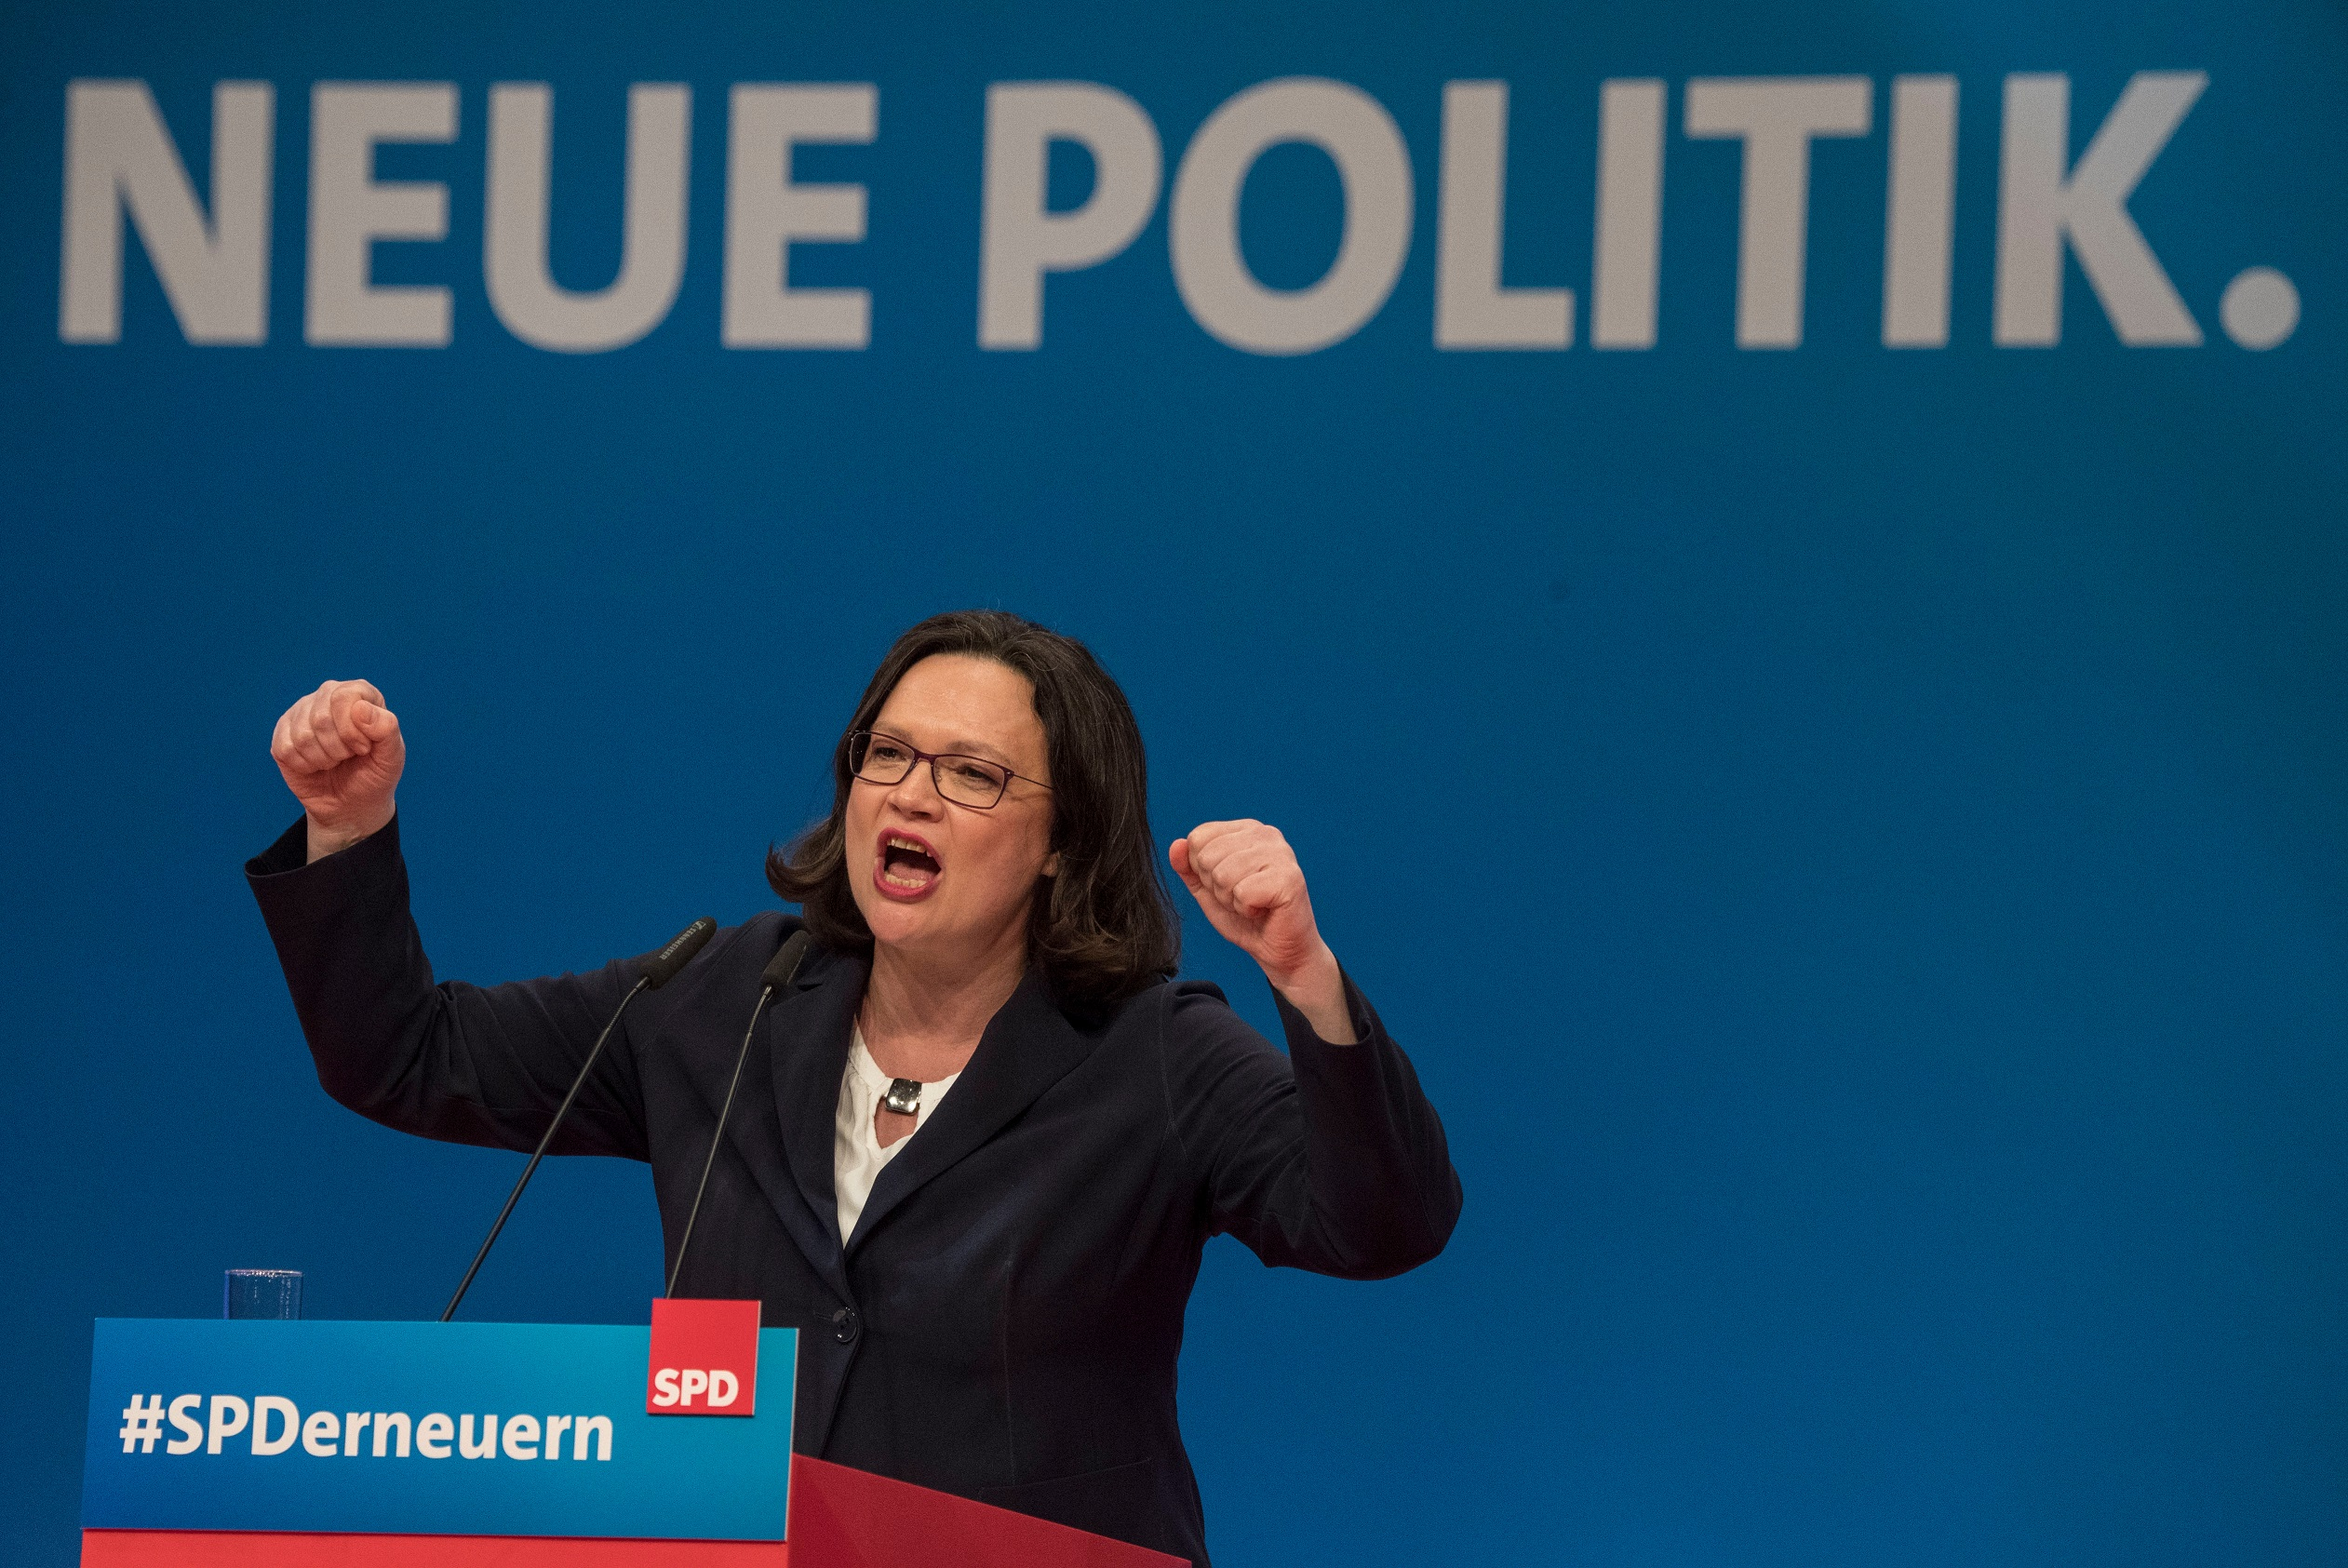 Andrea Nahles az SPD első női elnöke